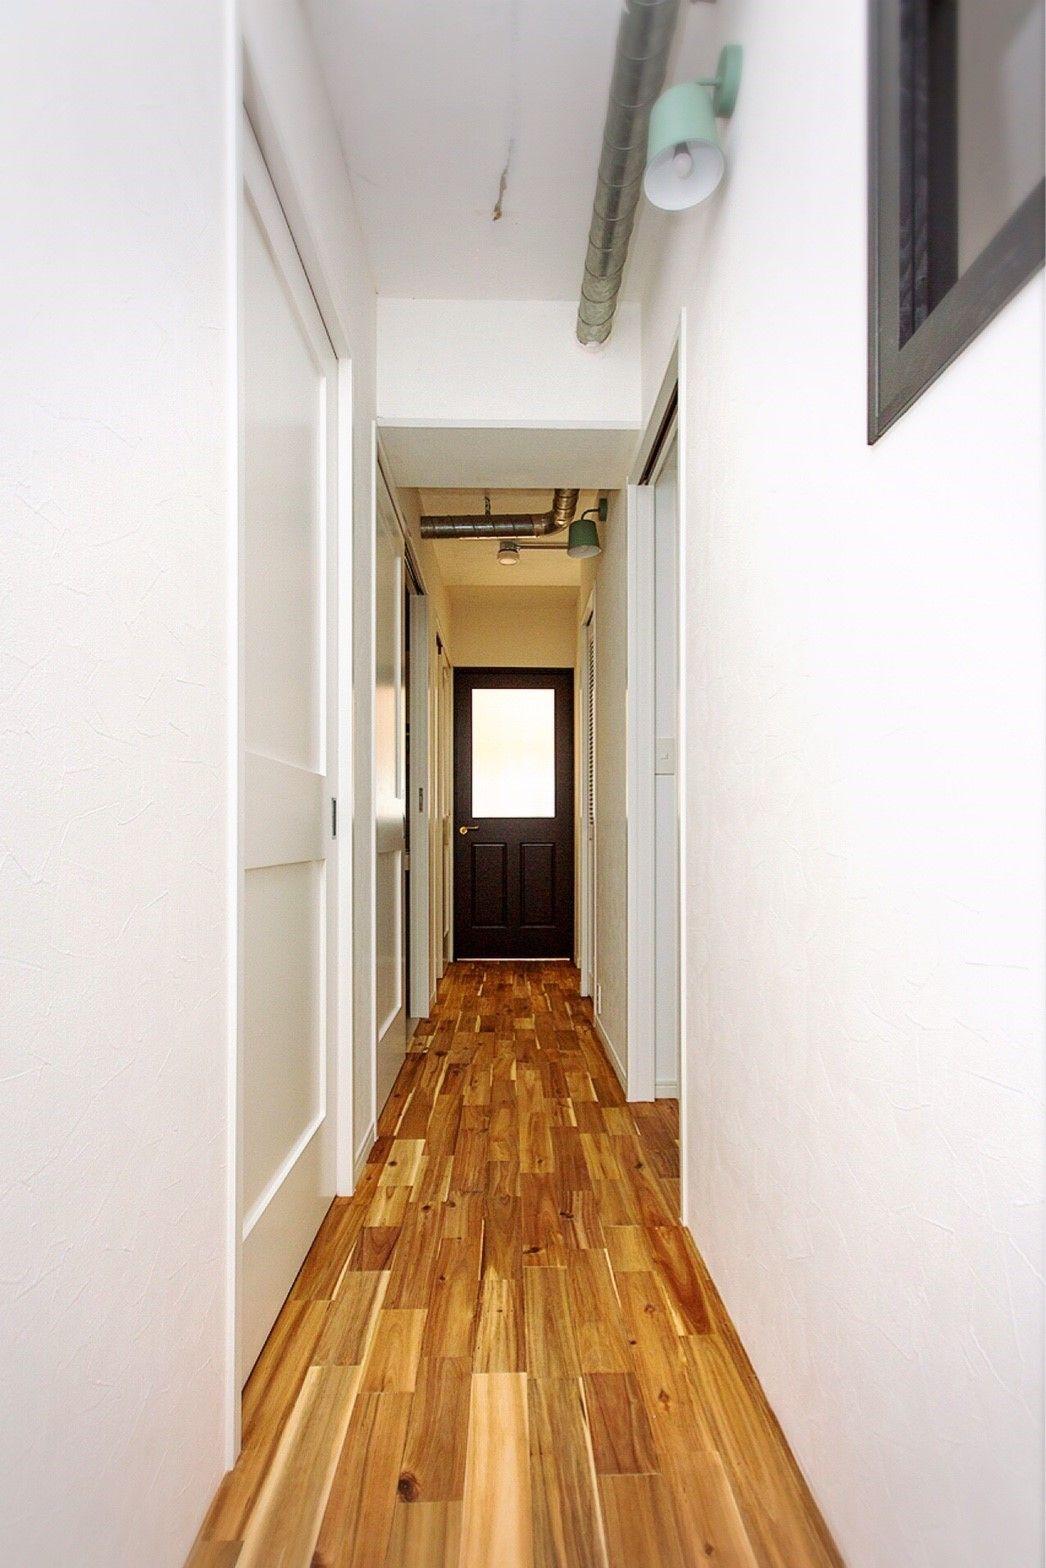 木のフローリングがおしゃれな廊下にポイントカラーのドア アレンジ